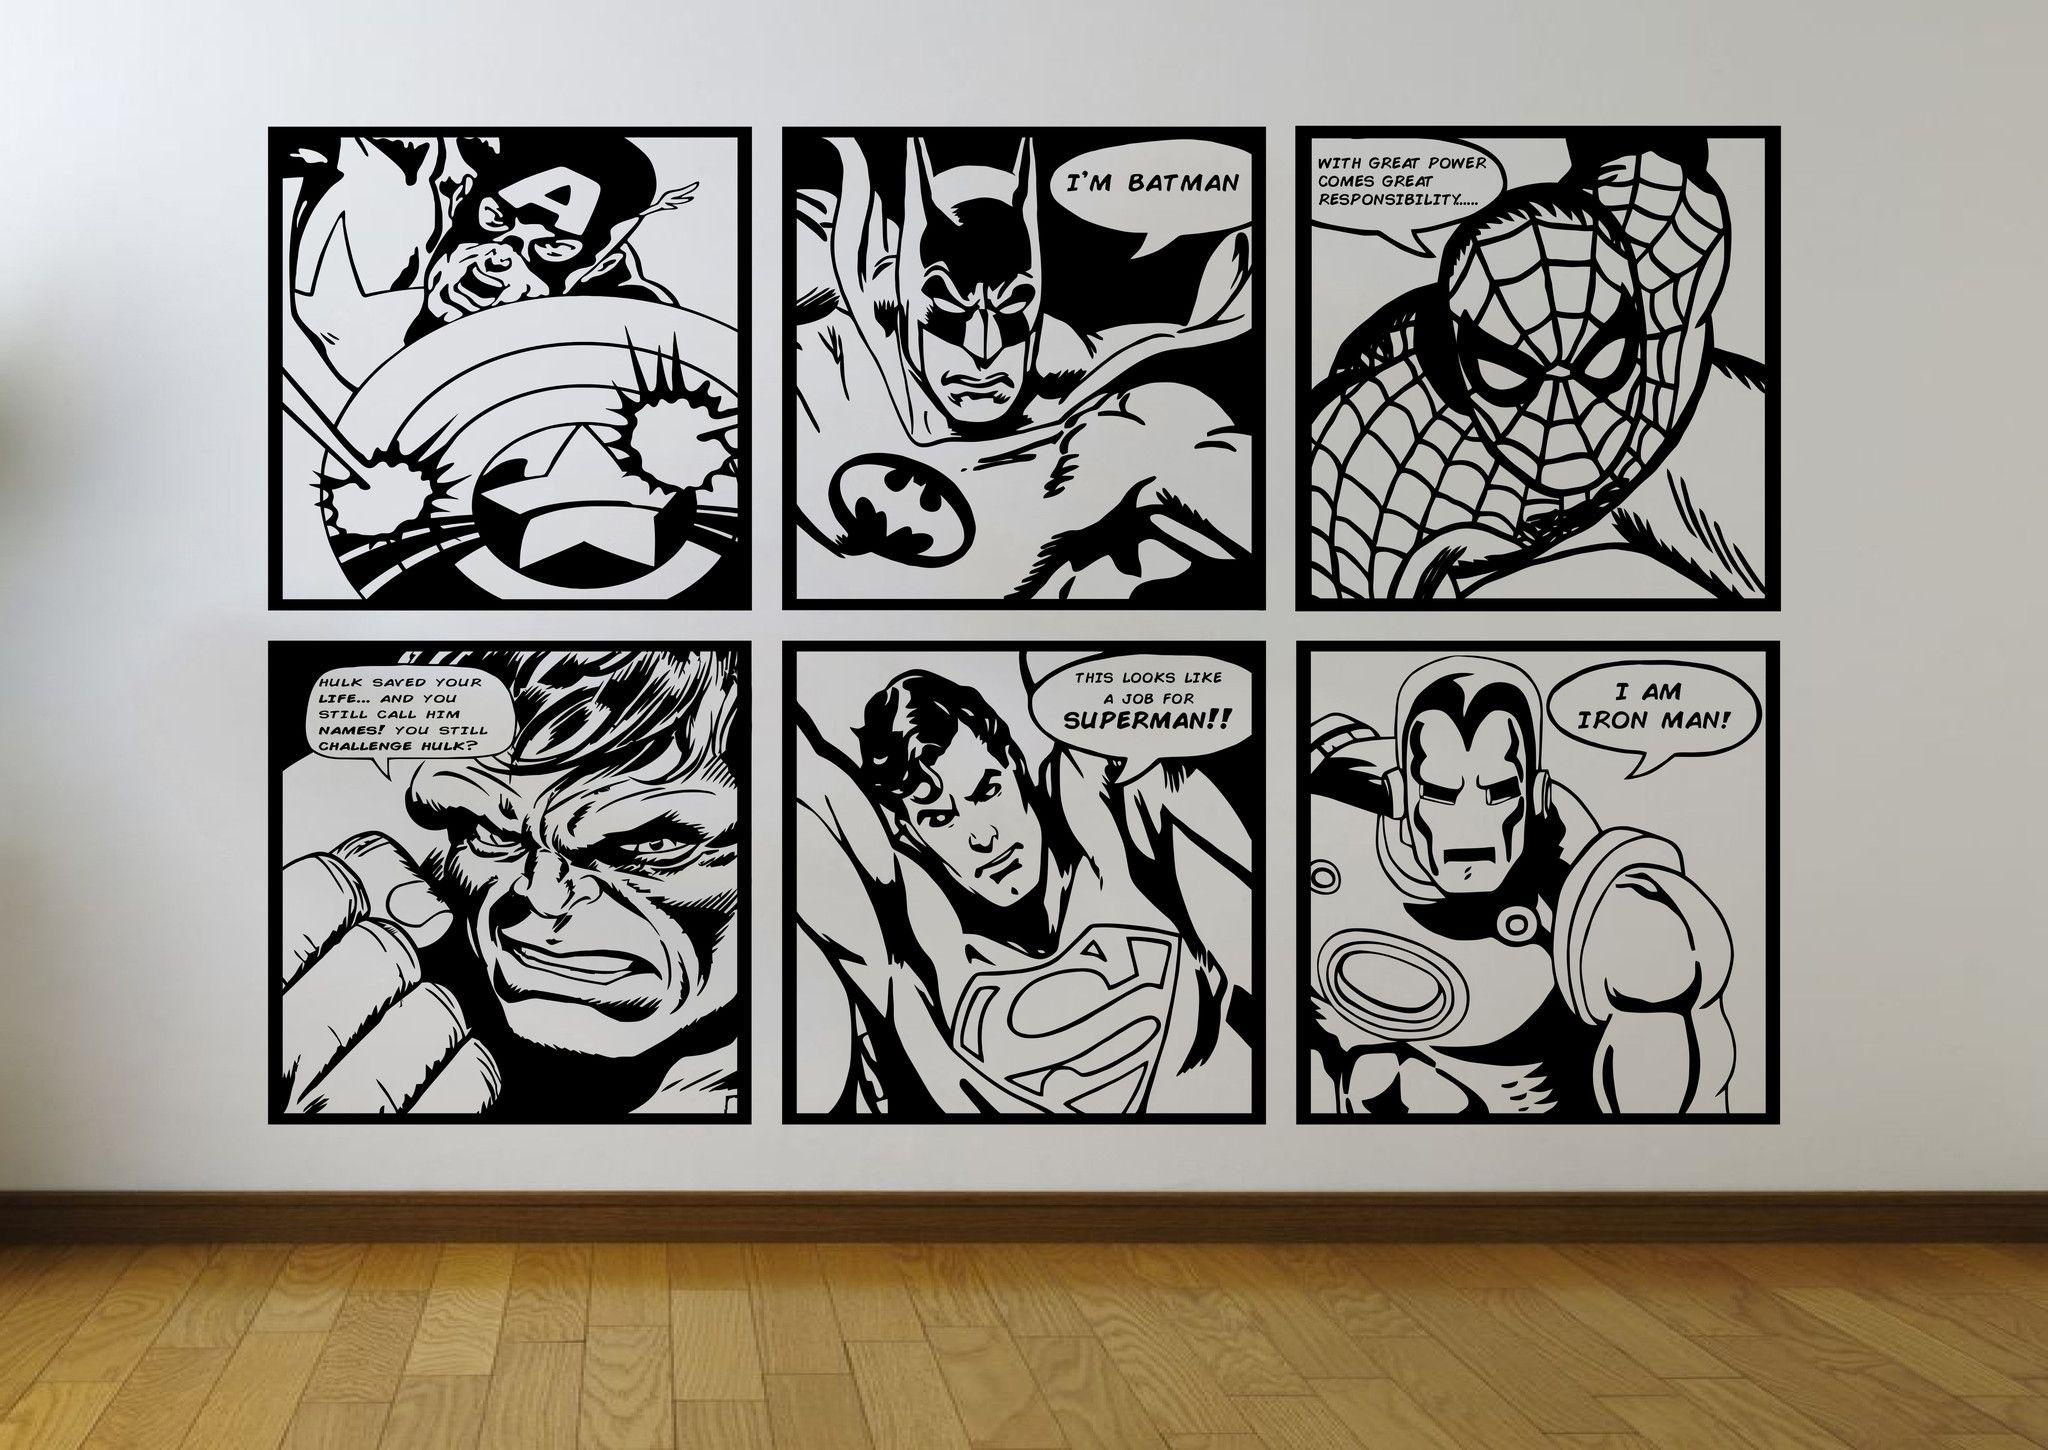 Comic Pop Art Mural Wall Stickers Ft Batman Superman Iron Man Spiderman Captain America Hulk Sticker Art Mural Pop Art